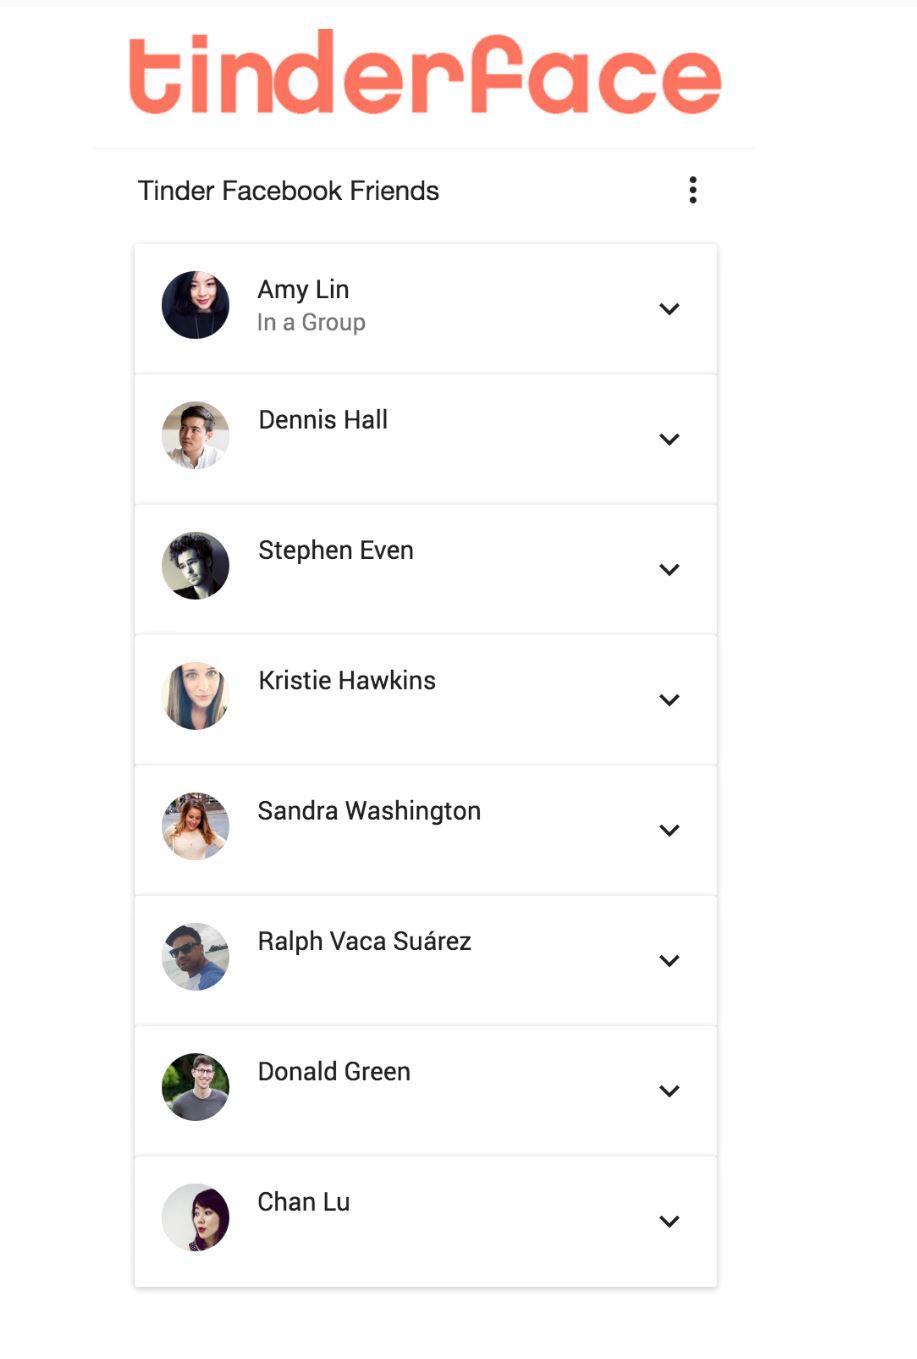 Wie Sie herausfinden können, ob Ihr Freund ein Online-Dating-Profil hat